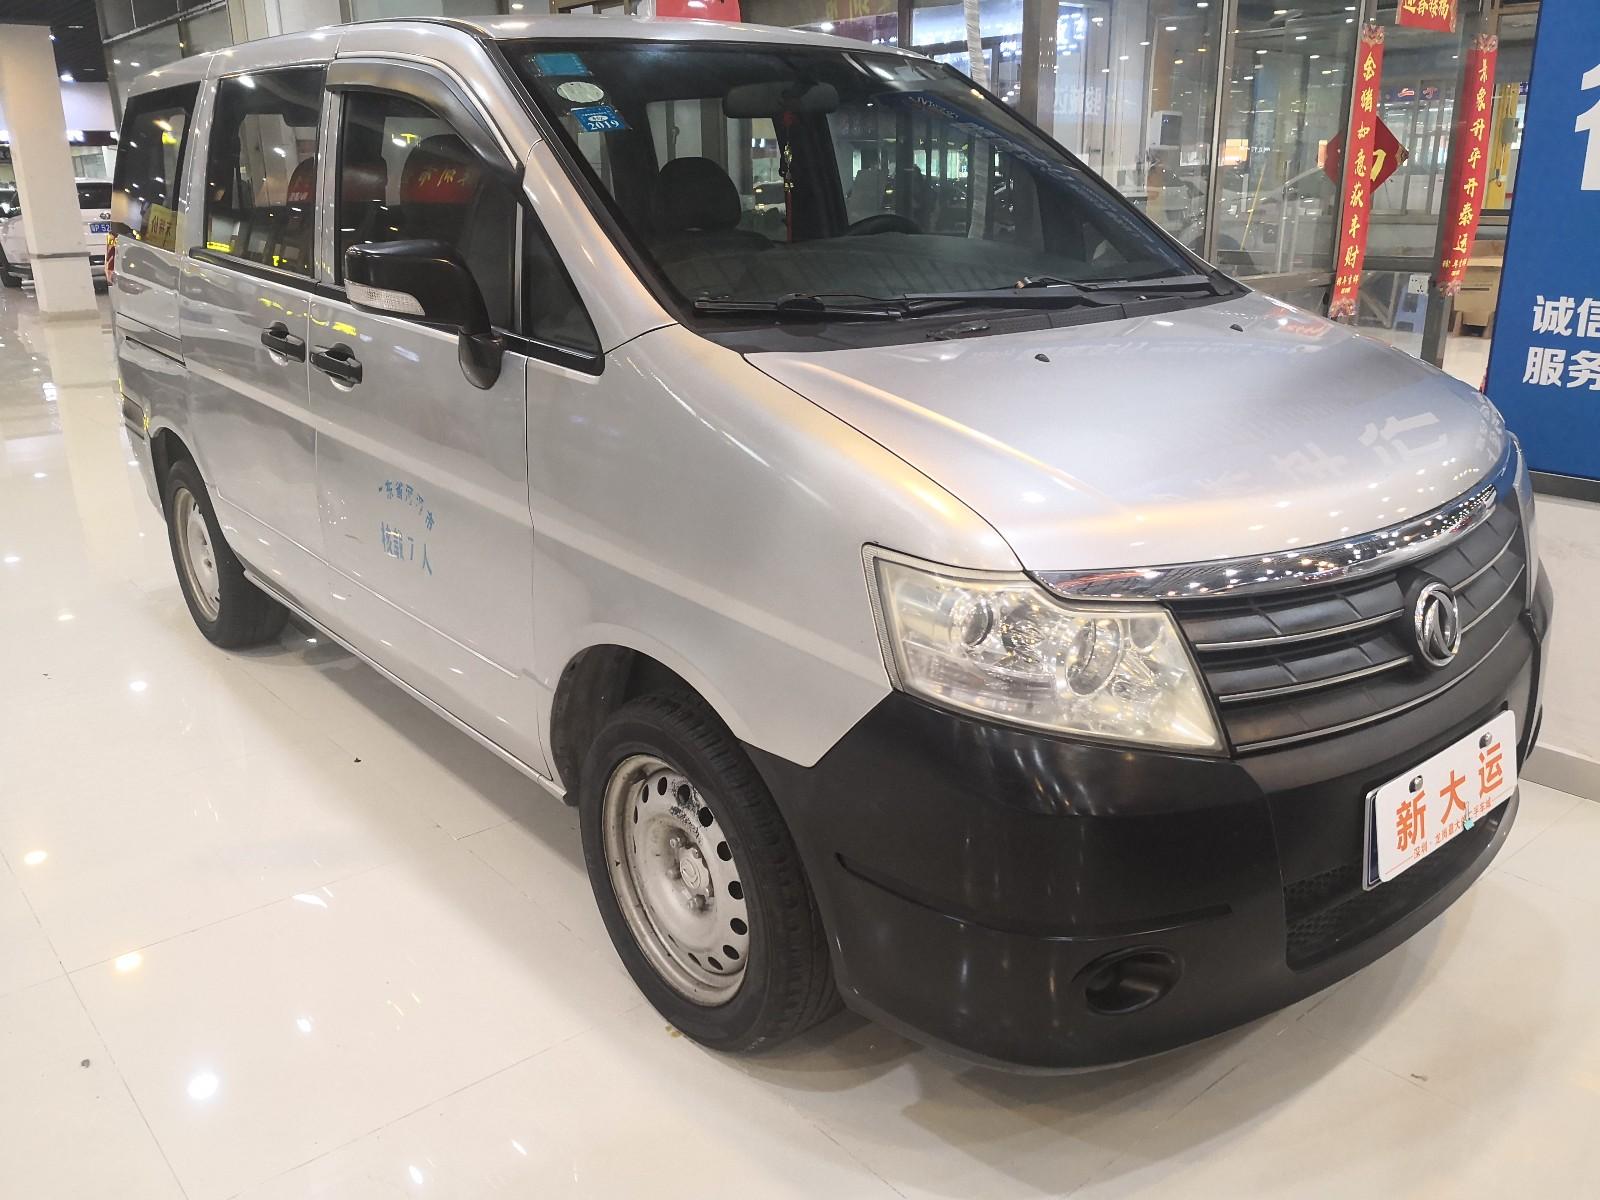 东风 帅客 2011款 1.5L 手动标准型7座 国IV